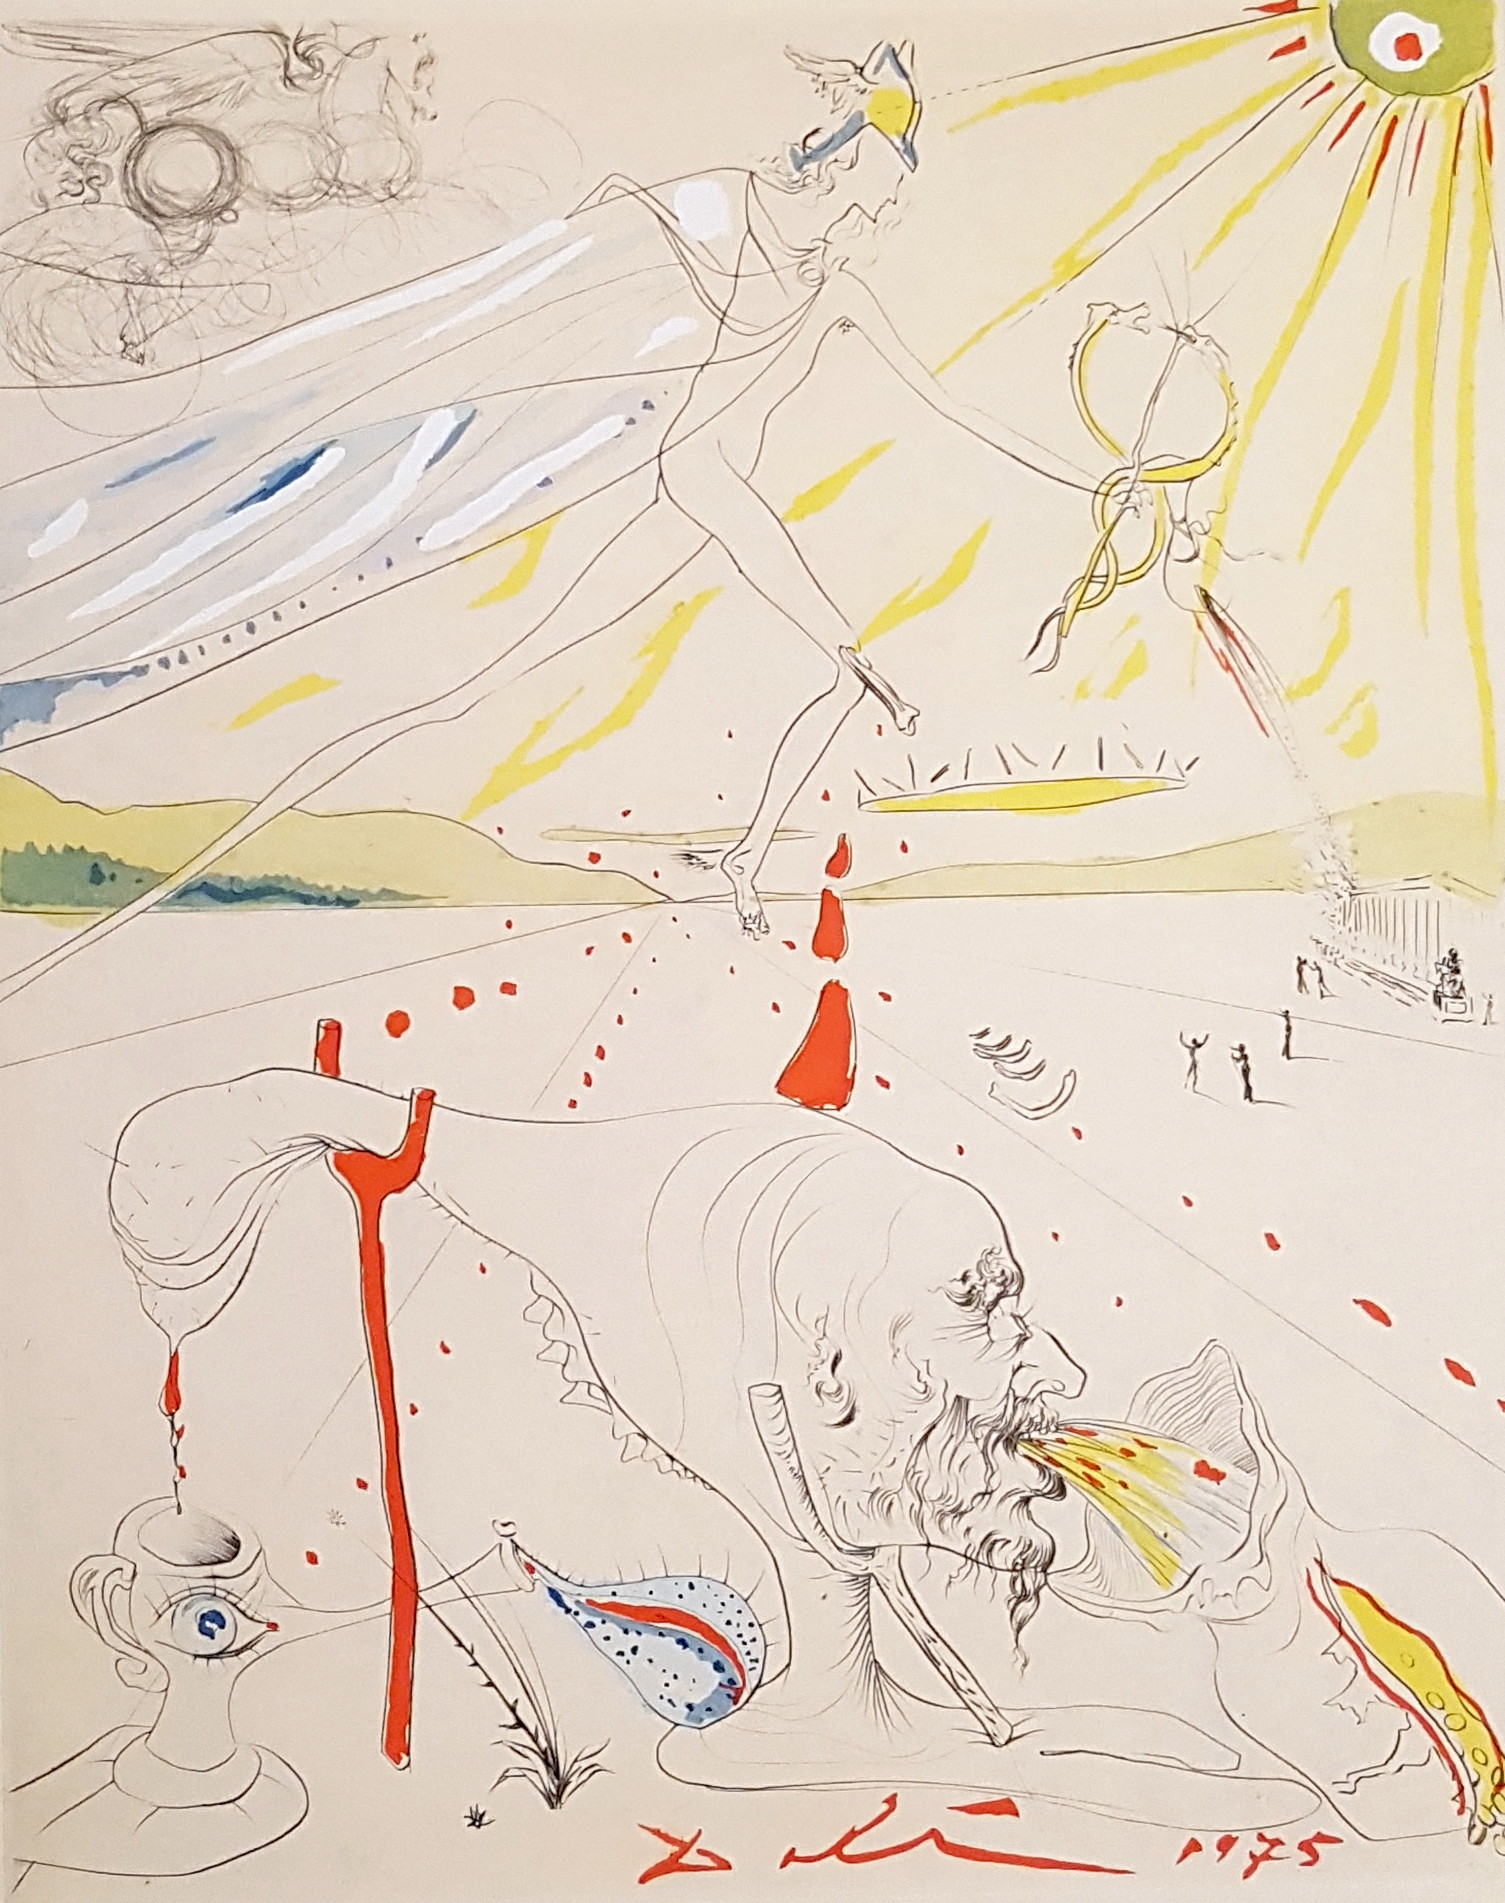 Vente Picasso, Dali, Chagall, Dufy, Combas, Orlinski, Haring... Pièces uniques et éditions limitées  chez Sadde - Dijon : 248 lots